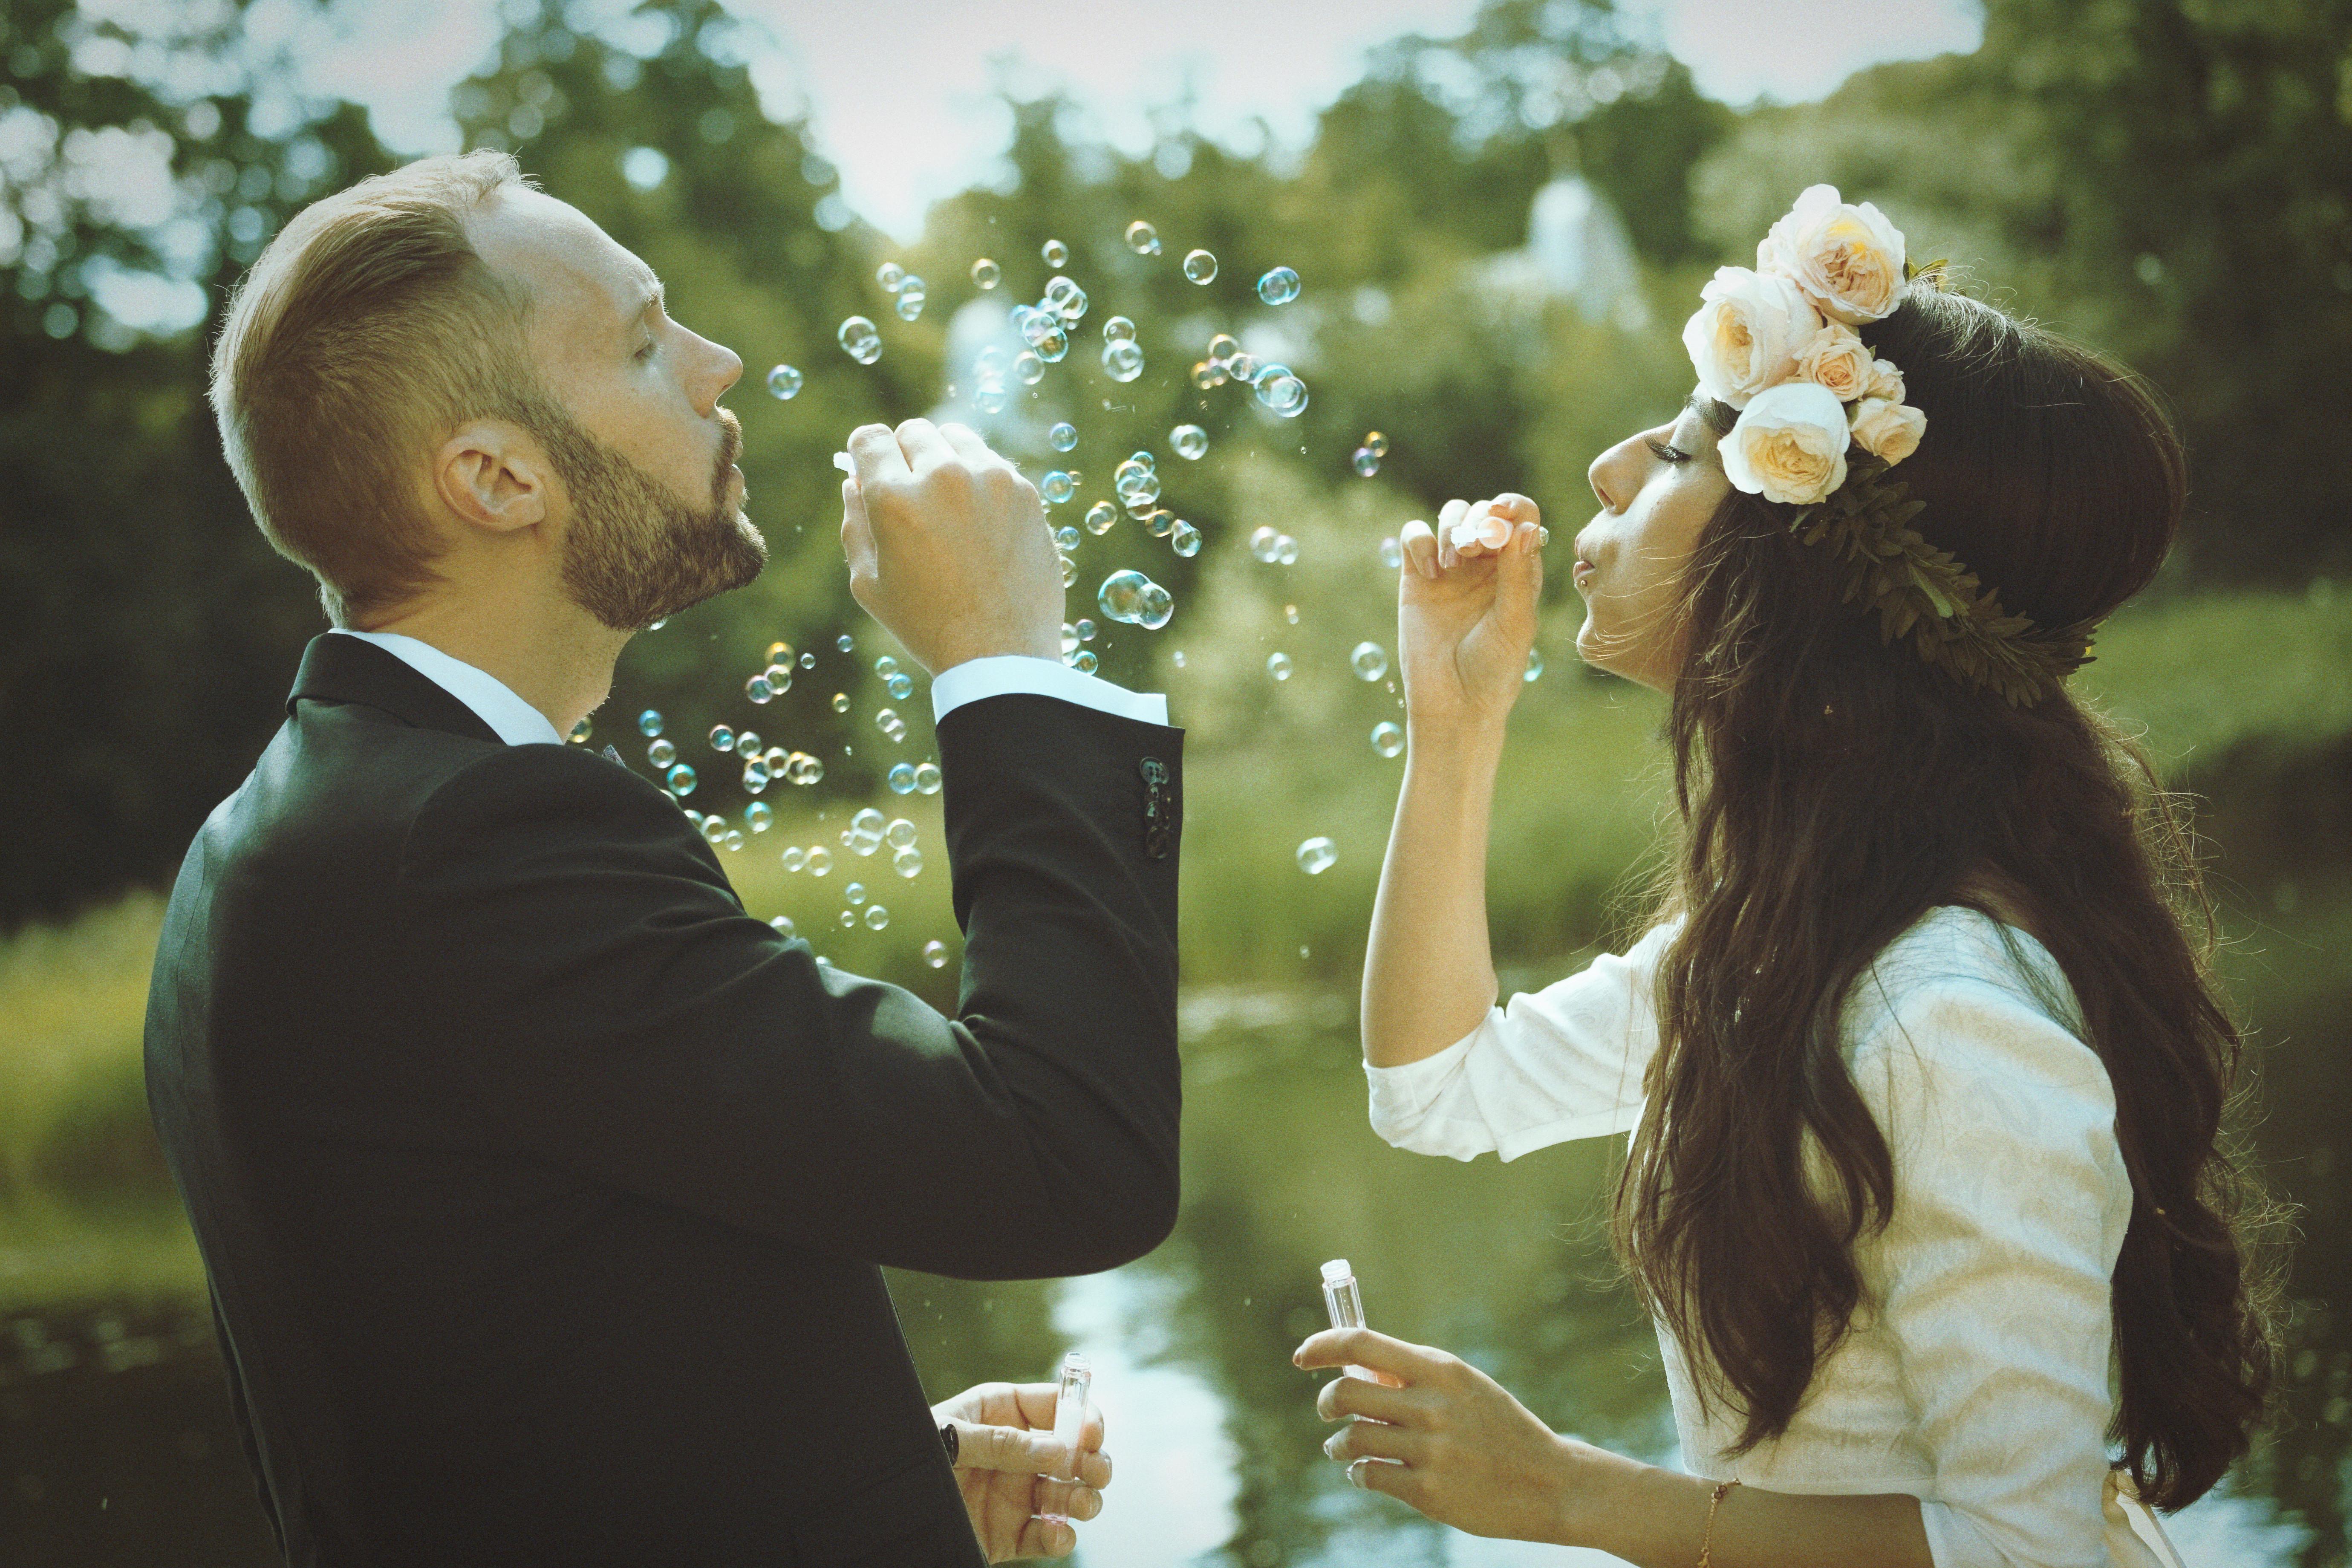 Bröllopsporträtt 7 - Mahdis & Tommy